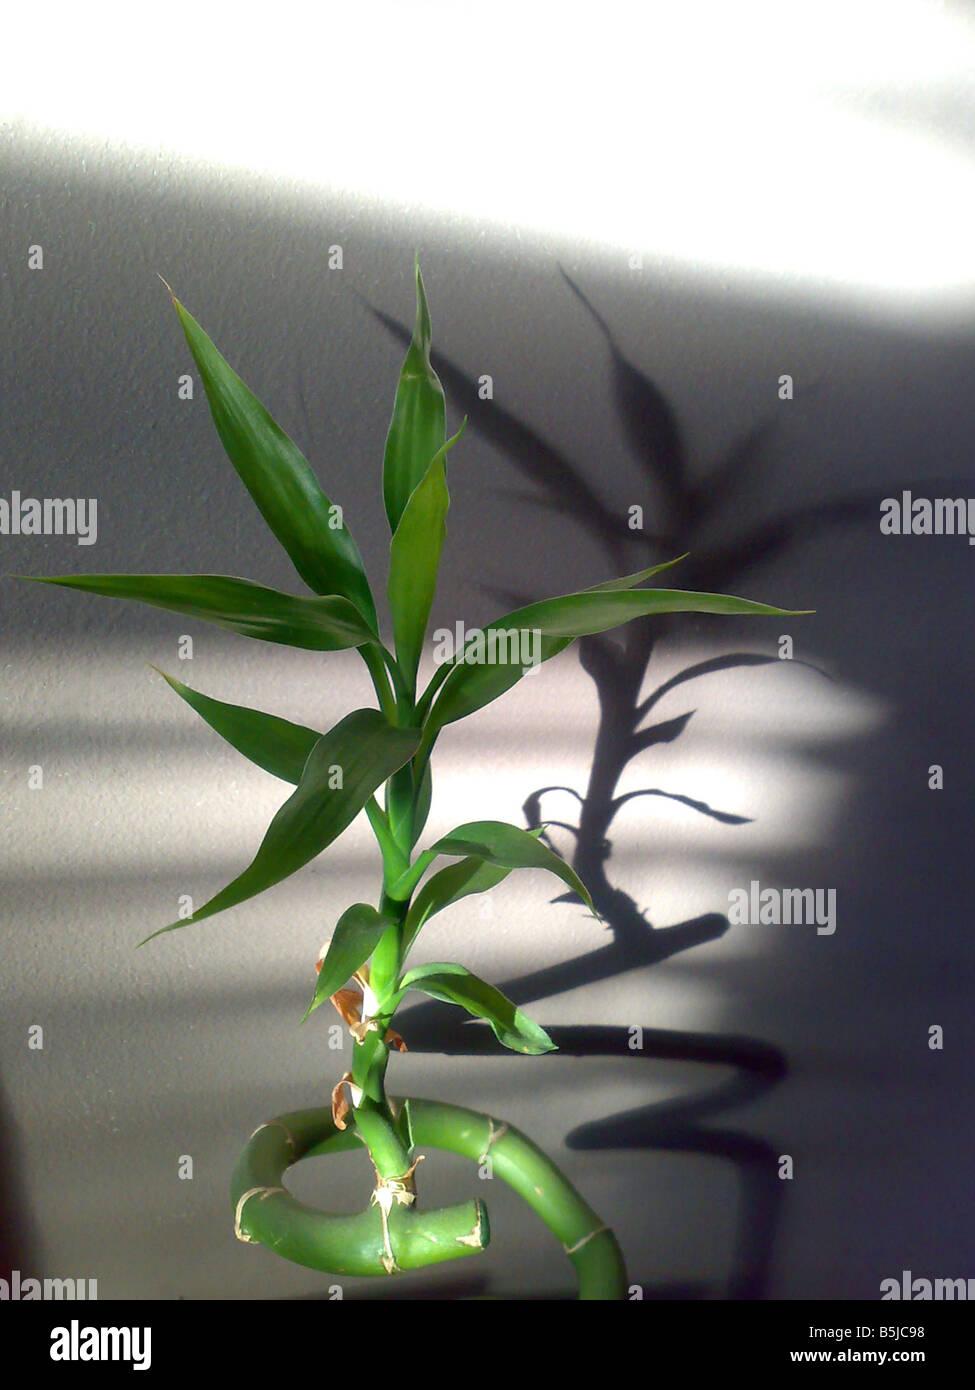 Bambus Blätter Haus Pflanze Schatten exotische Etymologie Japanisch dekorative Wasser Schatten Formen wachsen Stockbild